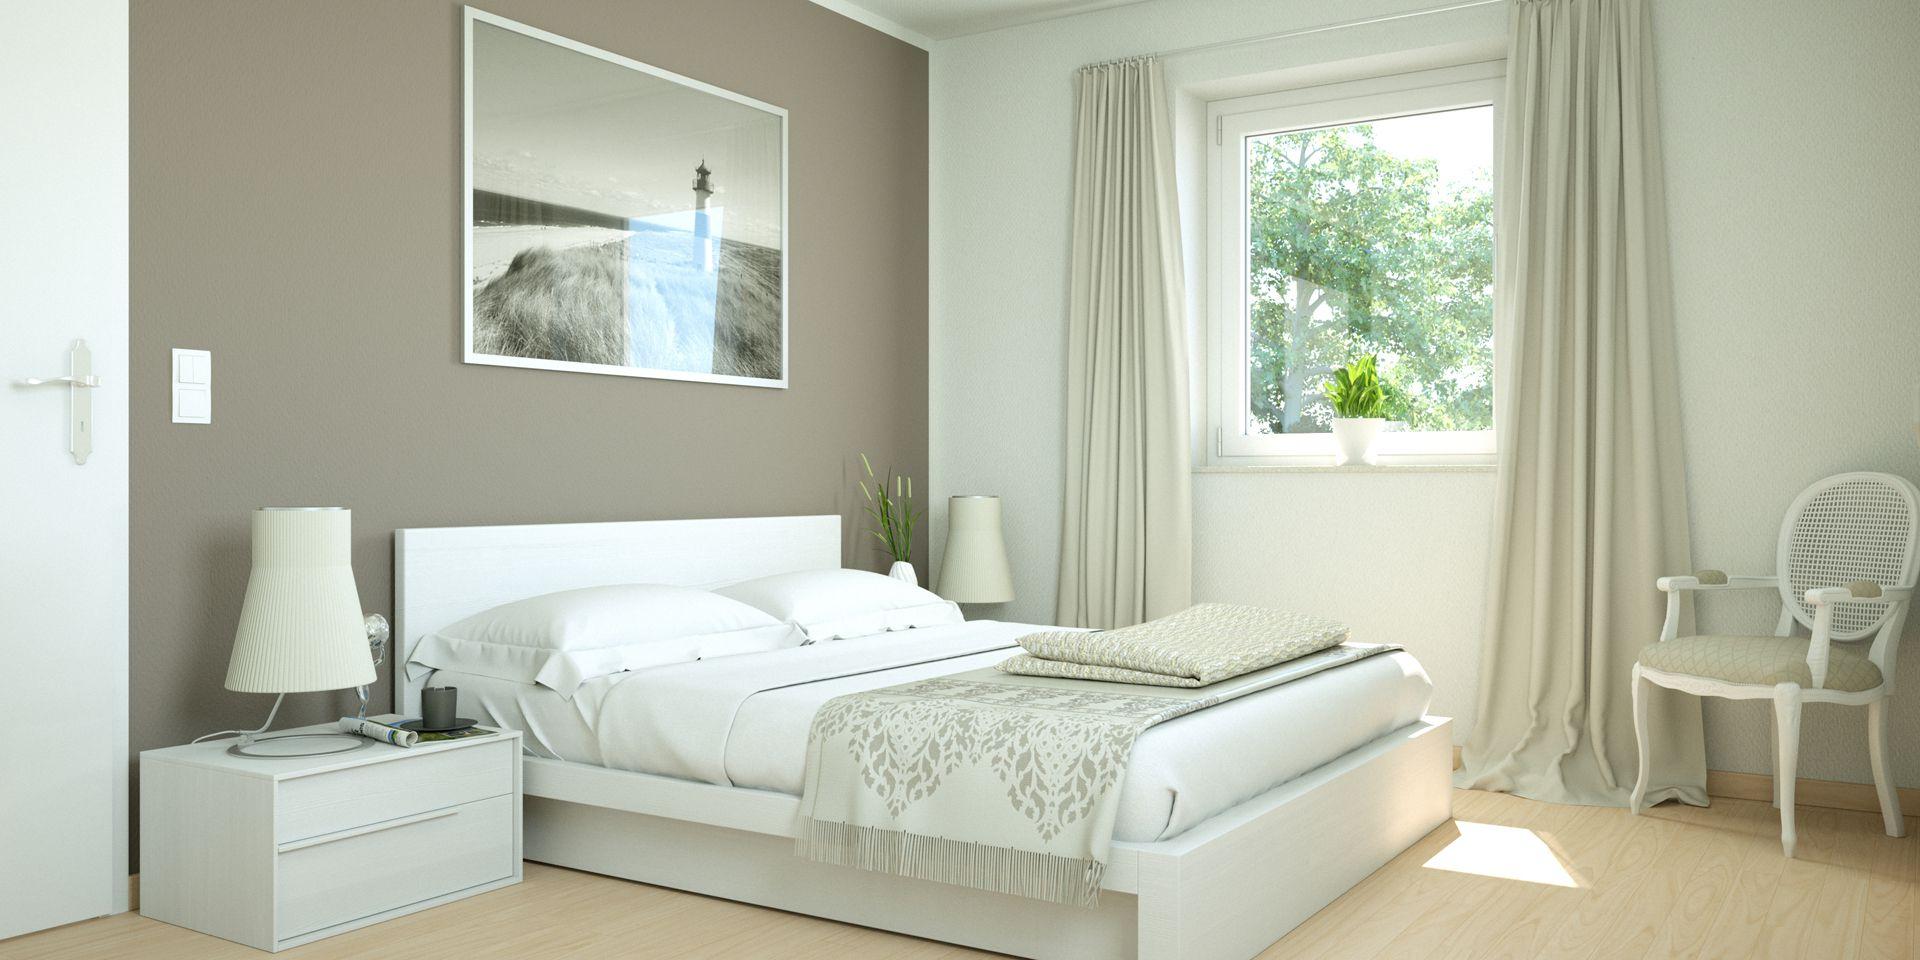 Architekturvisualisierung Mehrparteienhaus Flensburg Interieur Schlafzimmer.jpg